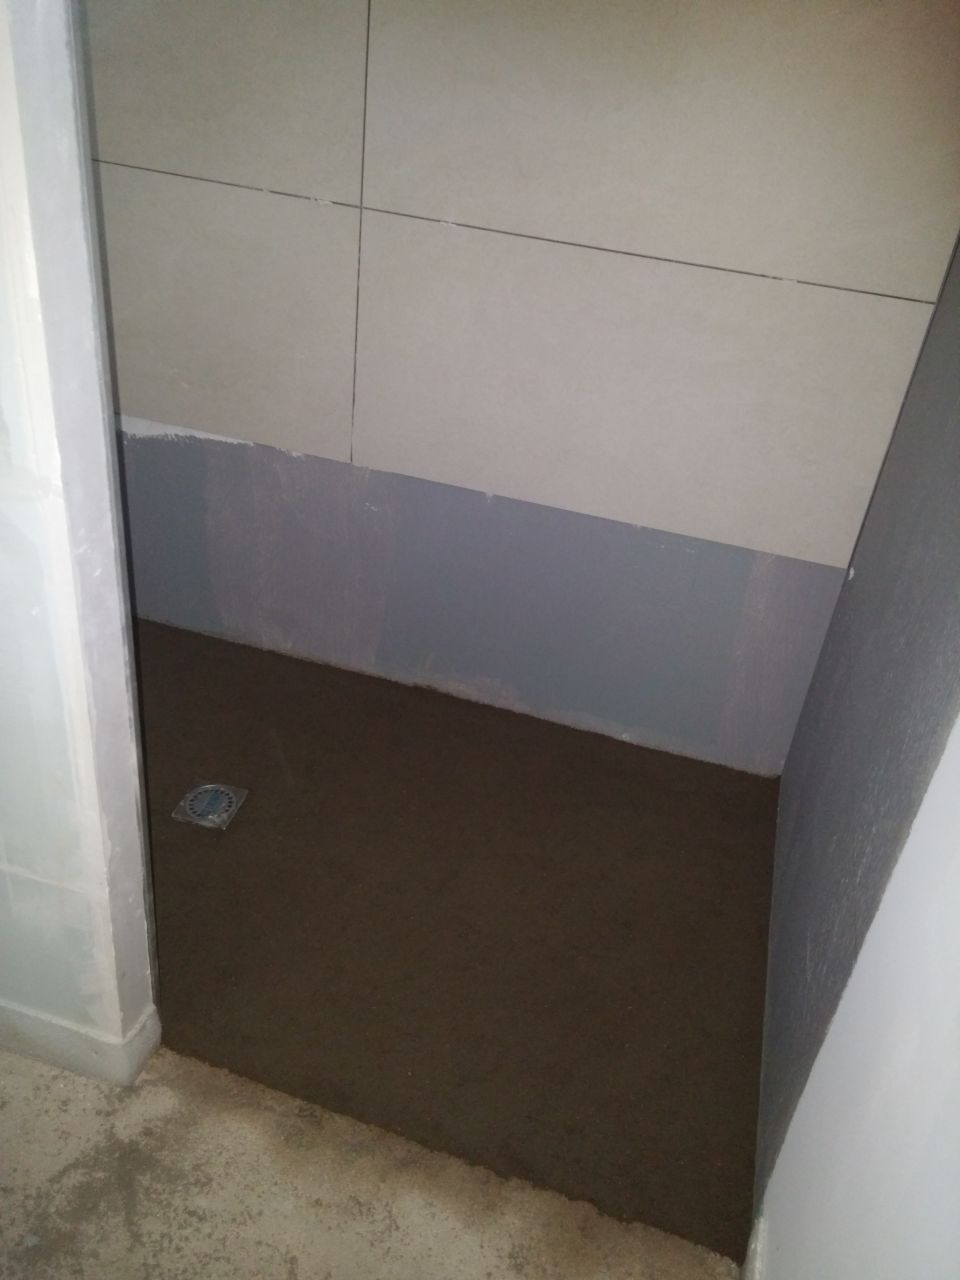 pose des faiences murale dans la douche (45x90)  <br /> ERGON stone project de chez Tarento